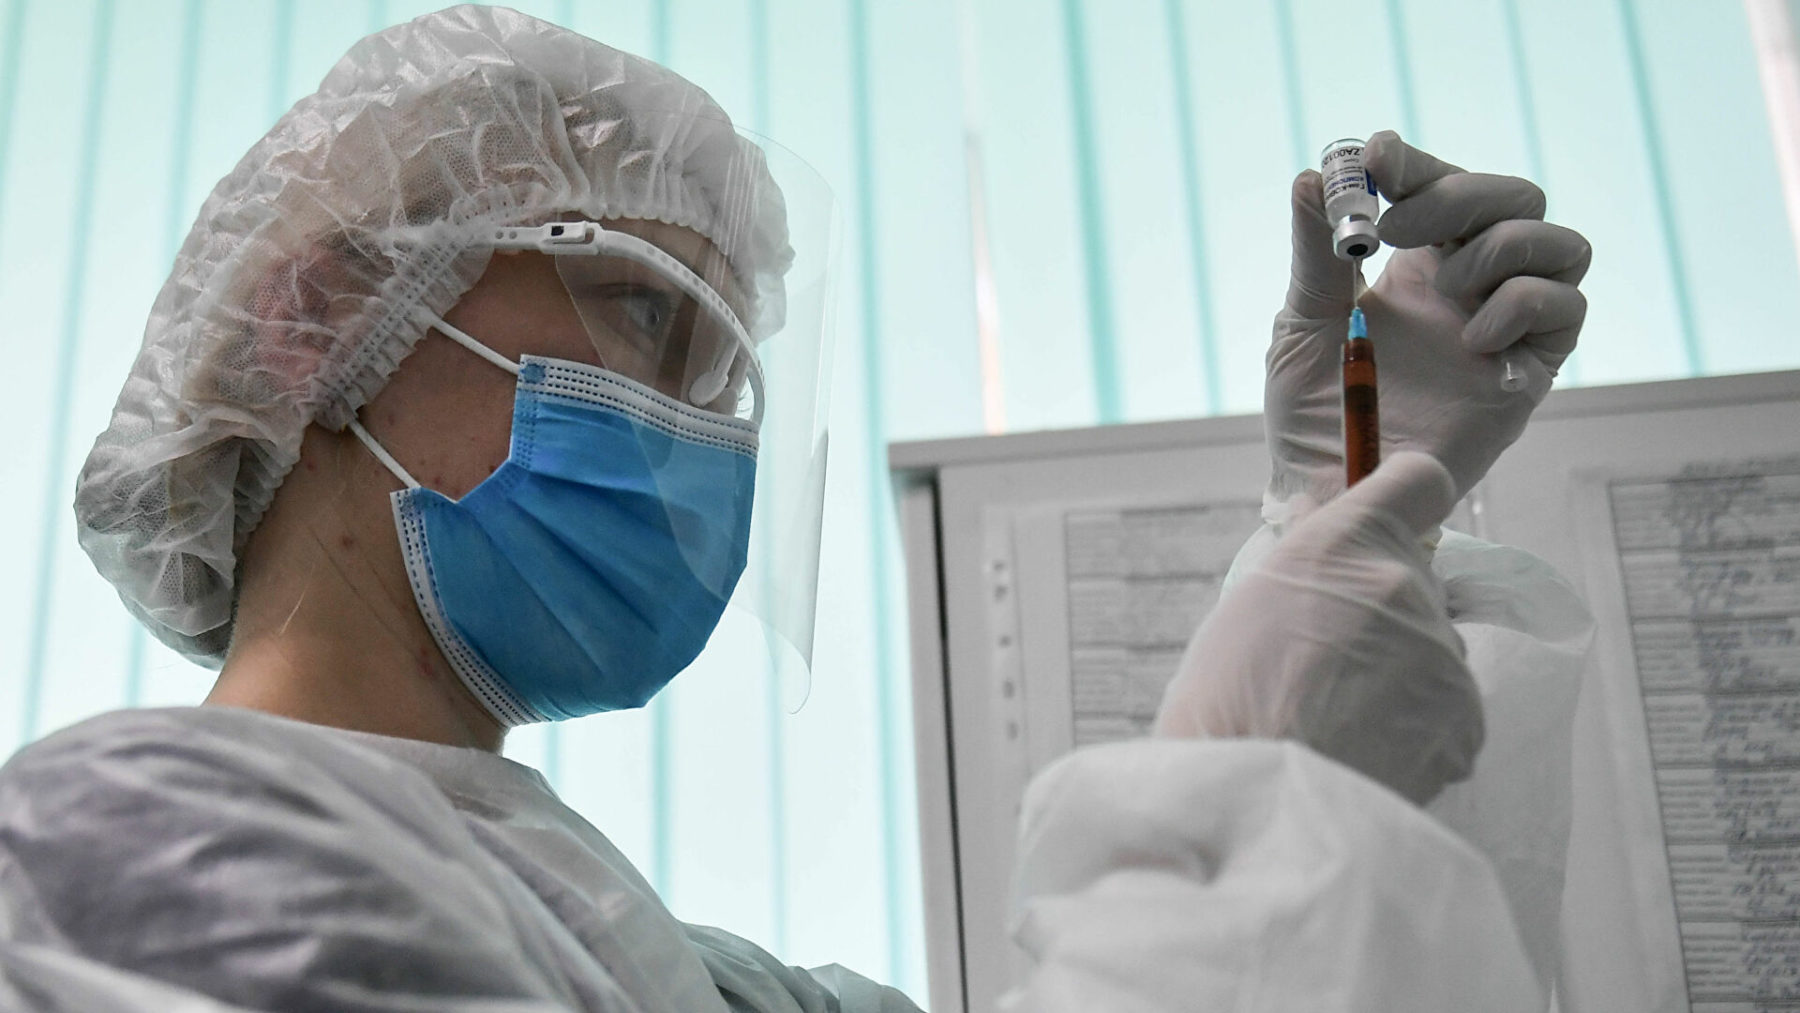 Κορoνοϊός: Άρση πατέντων για εμβόλια και άλλα ιατρικά υλικά ζήτησαν 60 χώρες από τον ΠΟΕ